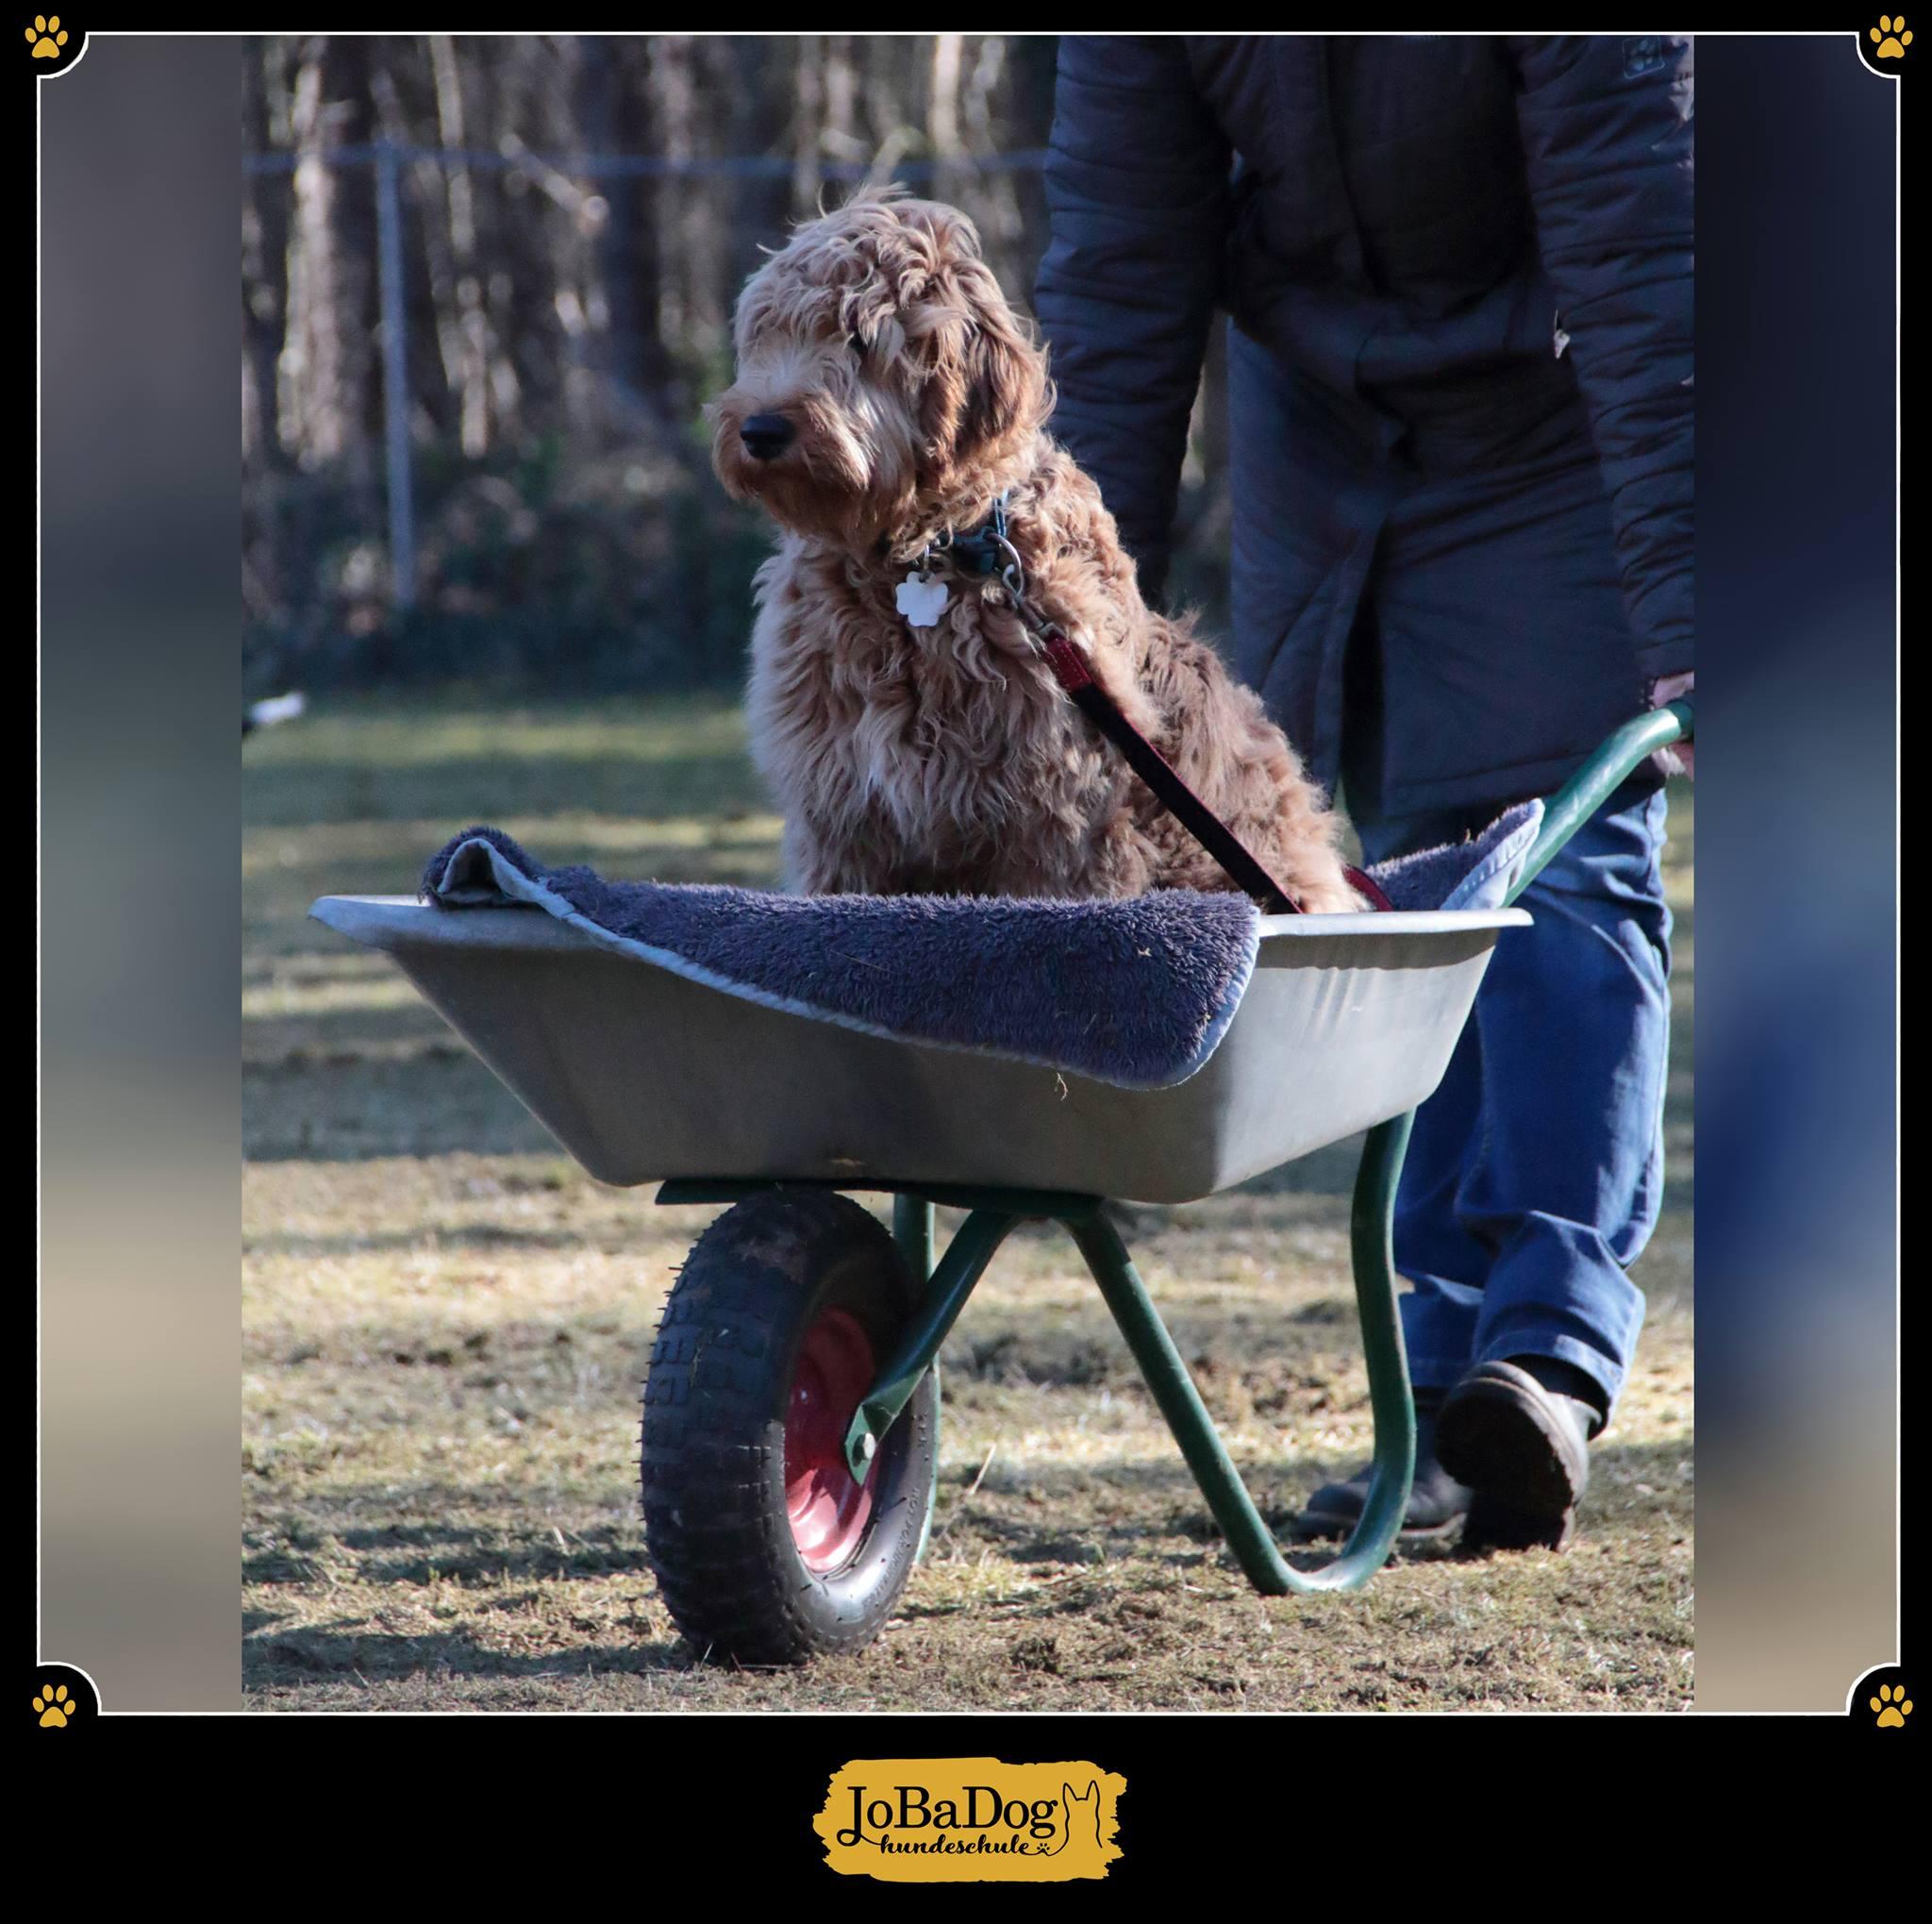 Den Hund in einer Schubkarre schieben:😄 - Ein lustiger Anblick, doch für den Hund gar nicht so einfach zu lernen. Denn wenn es wackelt, kracht und glatt ist, kann nur das Vertrauen in den Besitzer dem Hund zur Ruhe verhelfen. 💛Im Notfall kann dieser Trick helfen, denn manche Hunde kann man nach Operationen schlecht auf dem Arm tragen. 🐕So kann man mit einer lustigen Übung viel Kraft und Stress für den Hund sparen. 😊